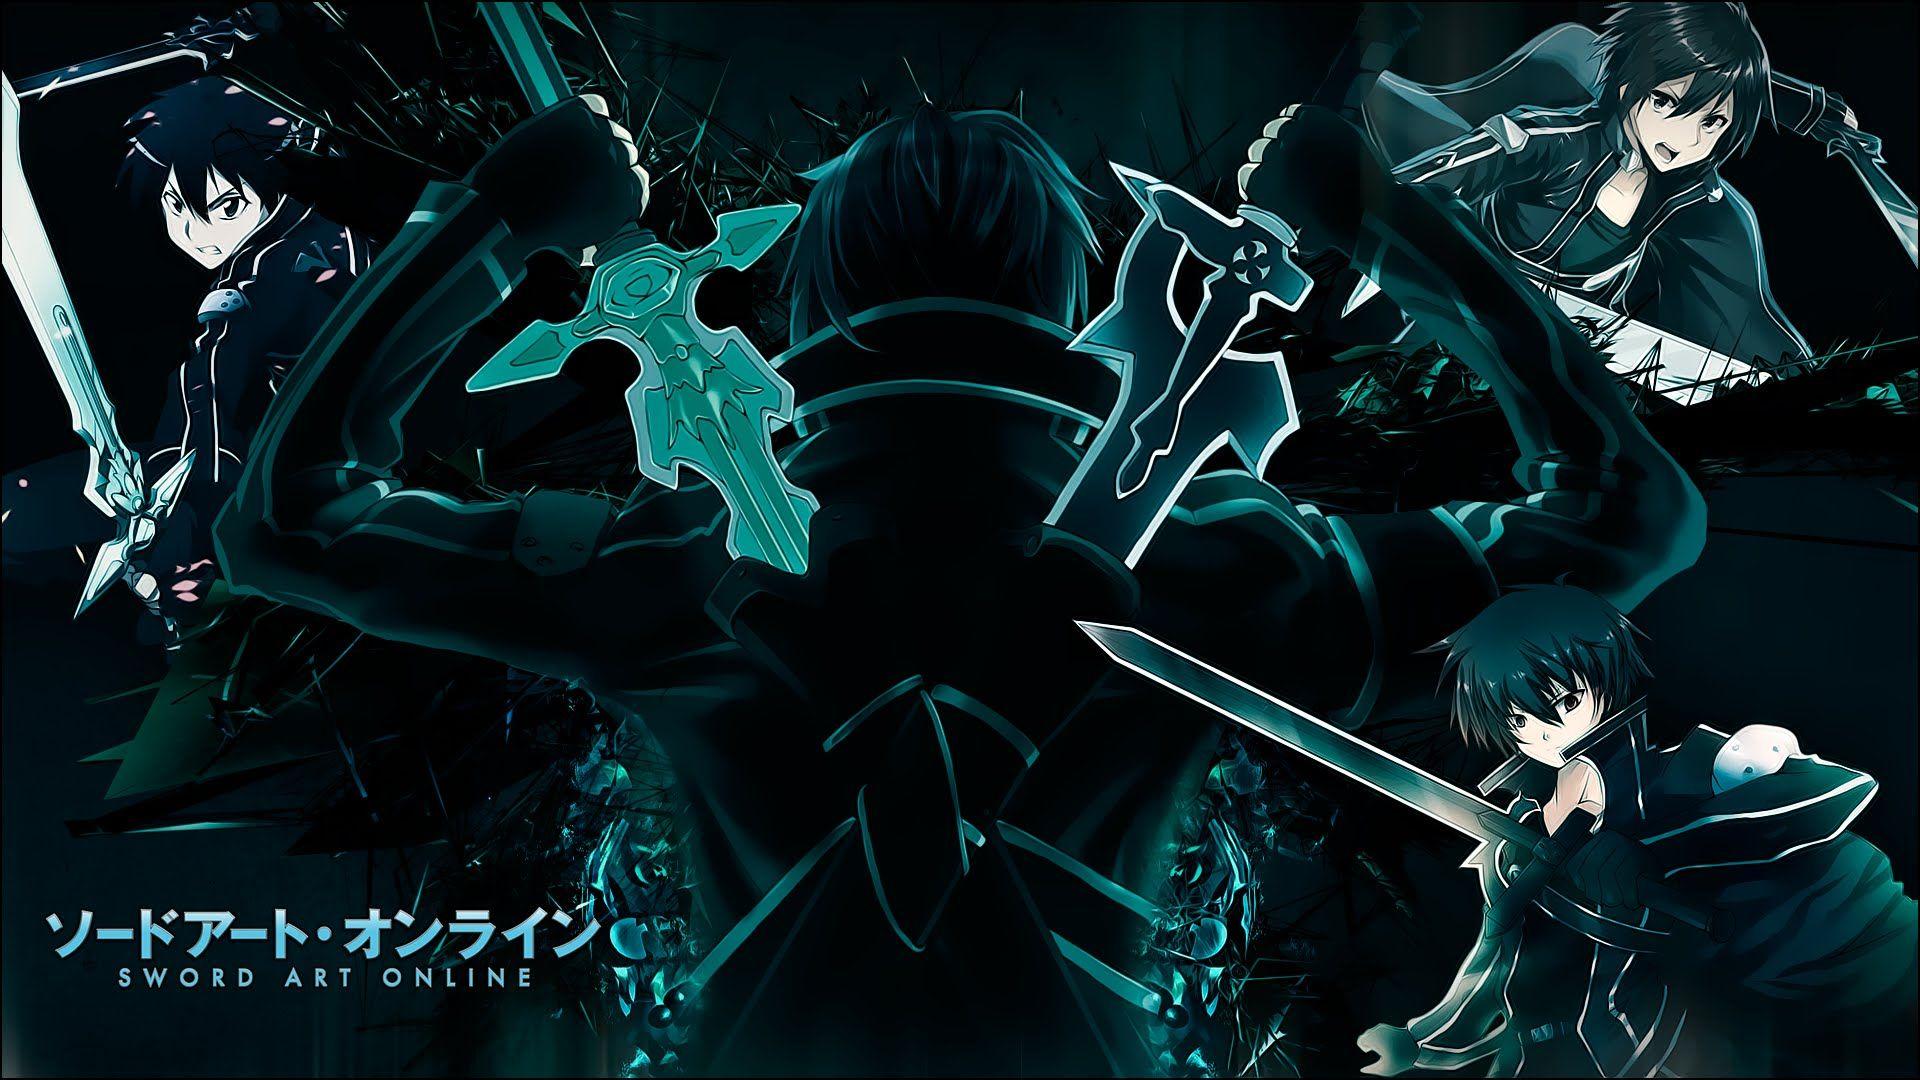 Sword Art Online Amv Kirito Sao Alo Ggo Sword Art Online Wallpaper Sword Art Online Sword Art Online Kirito